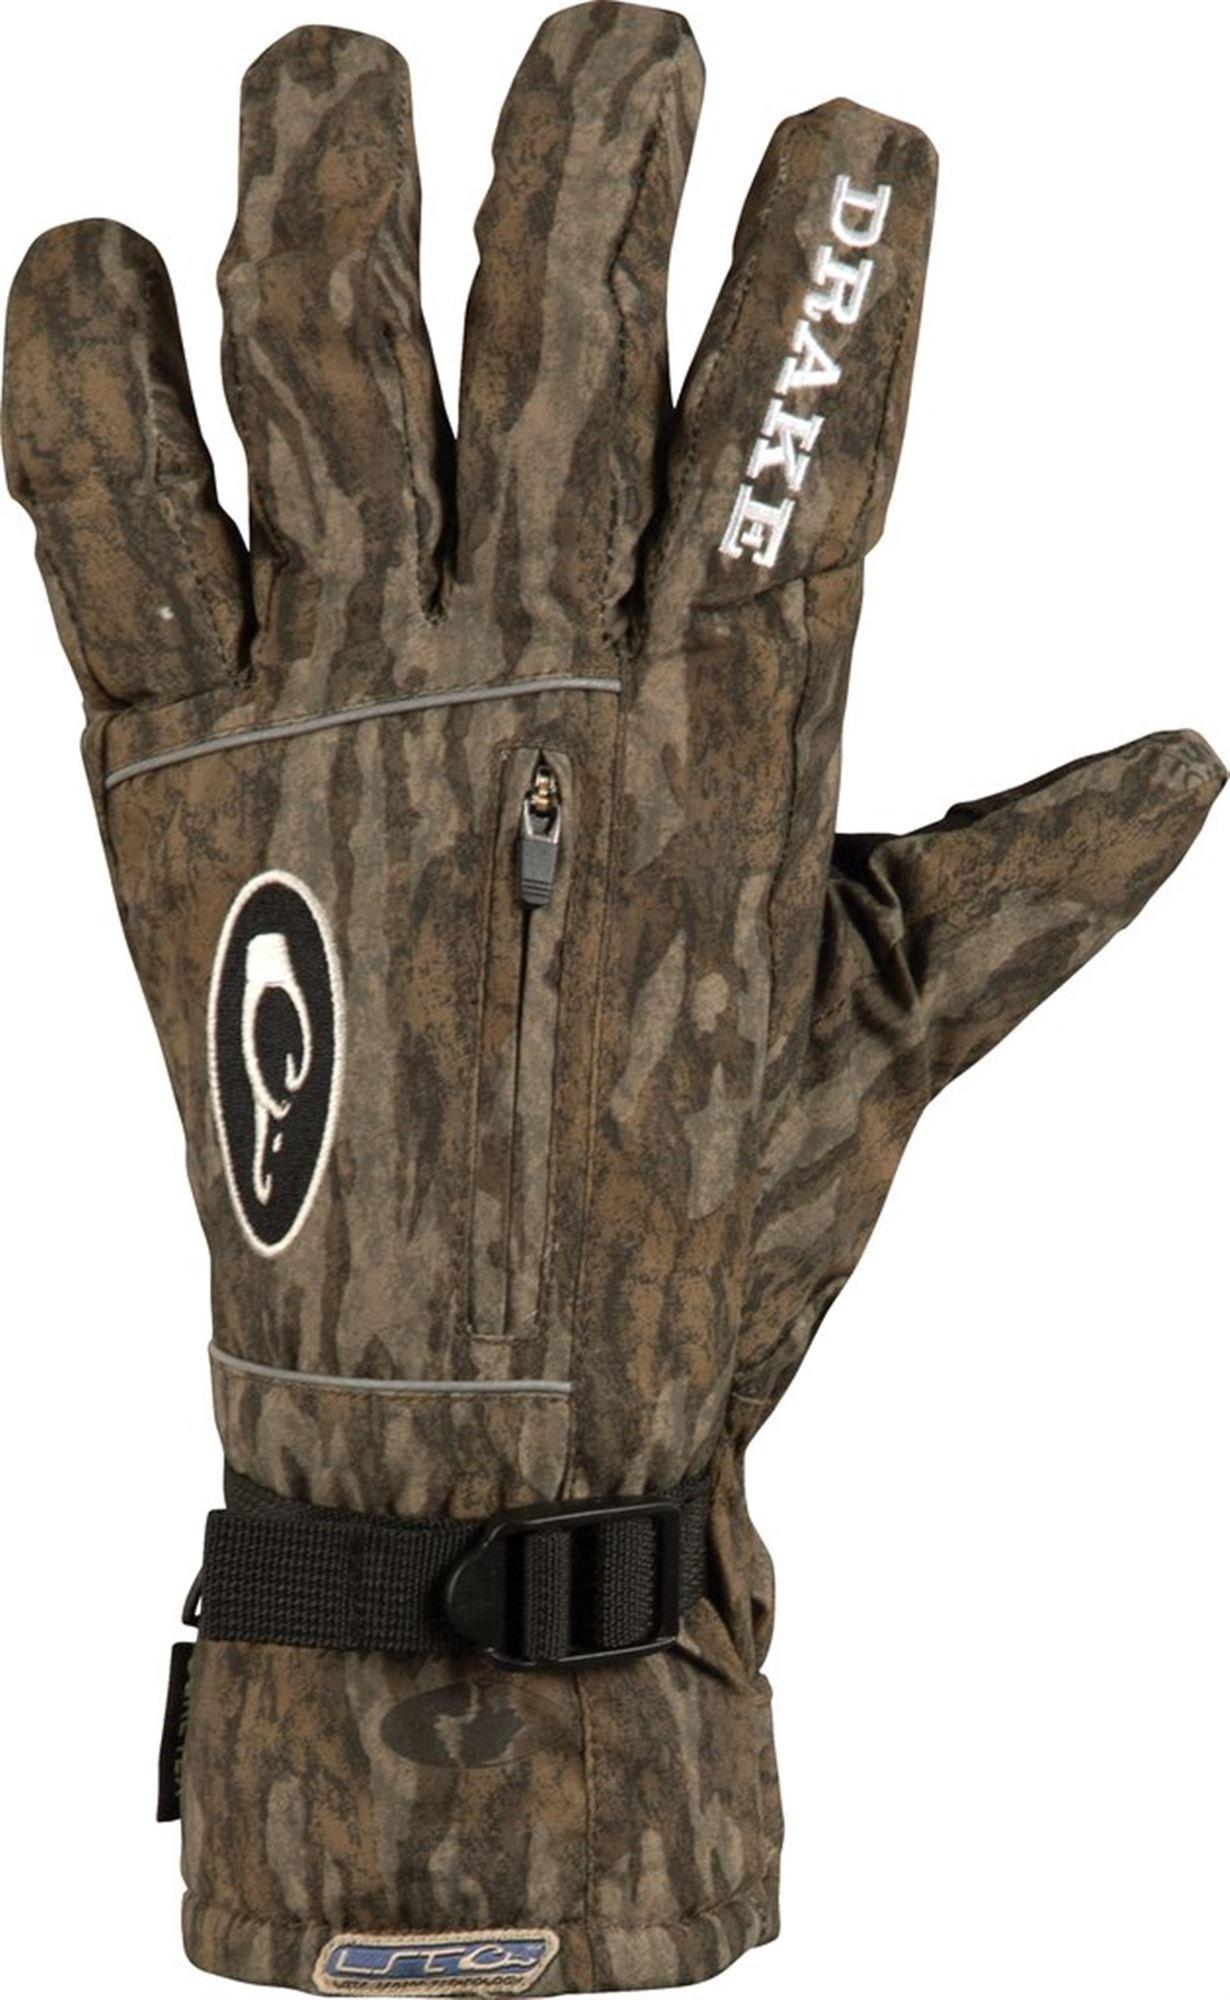 LST Refuge HS GORE-TEX Gloves Bottomland Medium by Drake